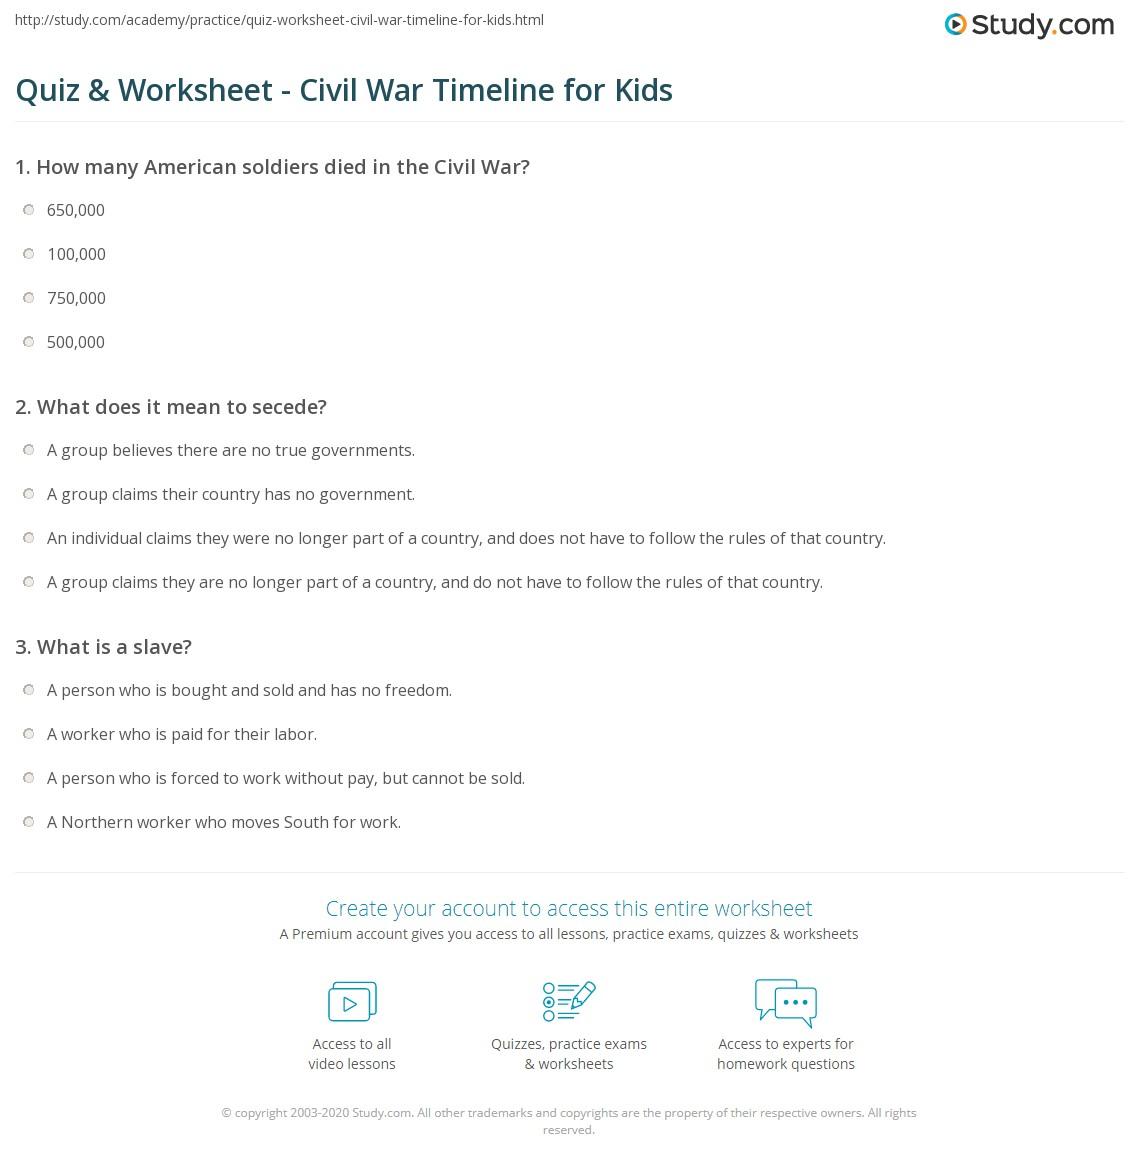 Civil War Battles Timeline Worksheet - Education Worksheets